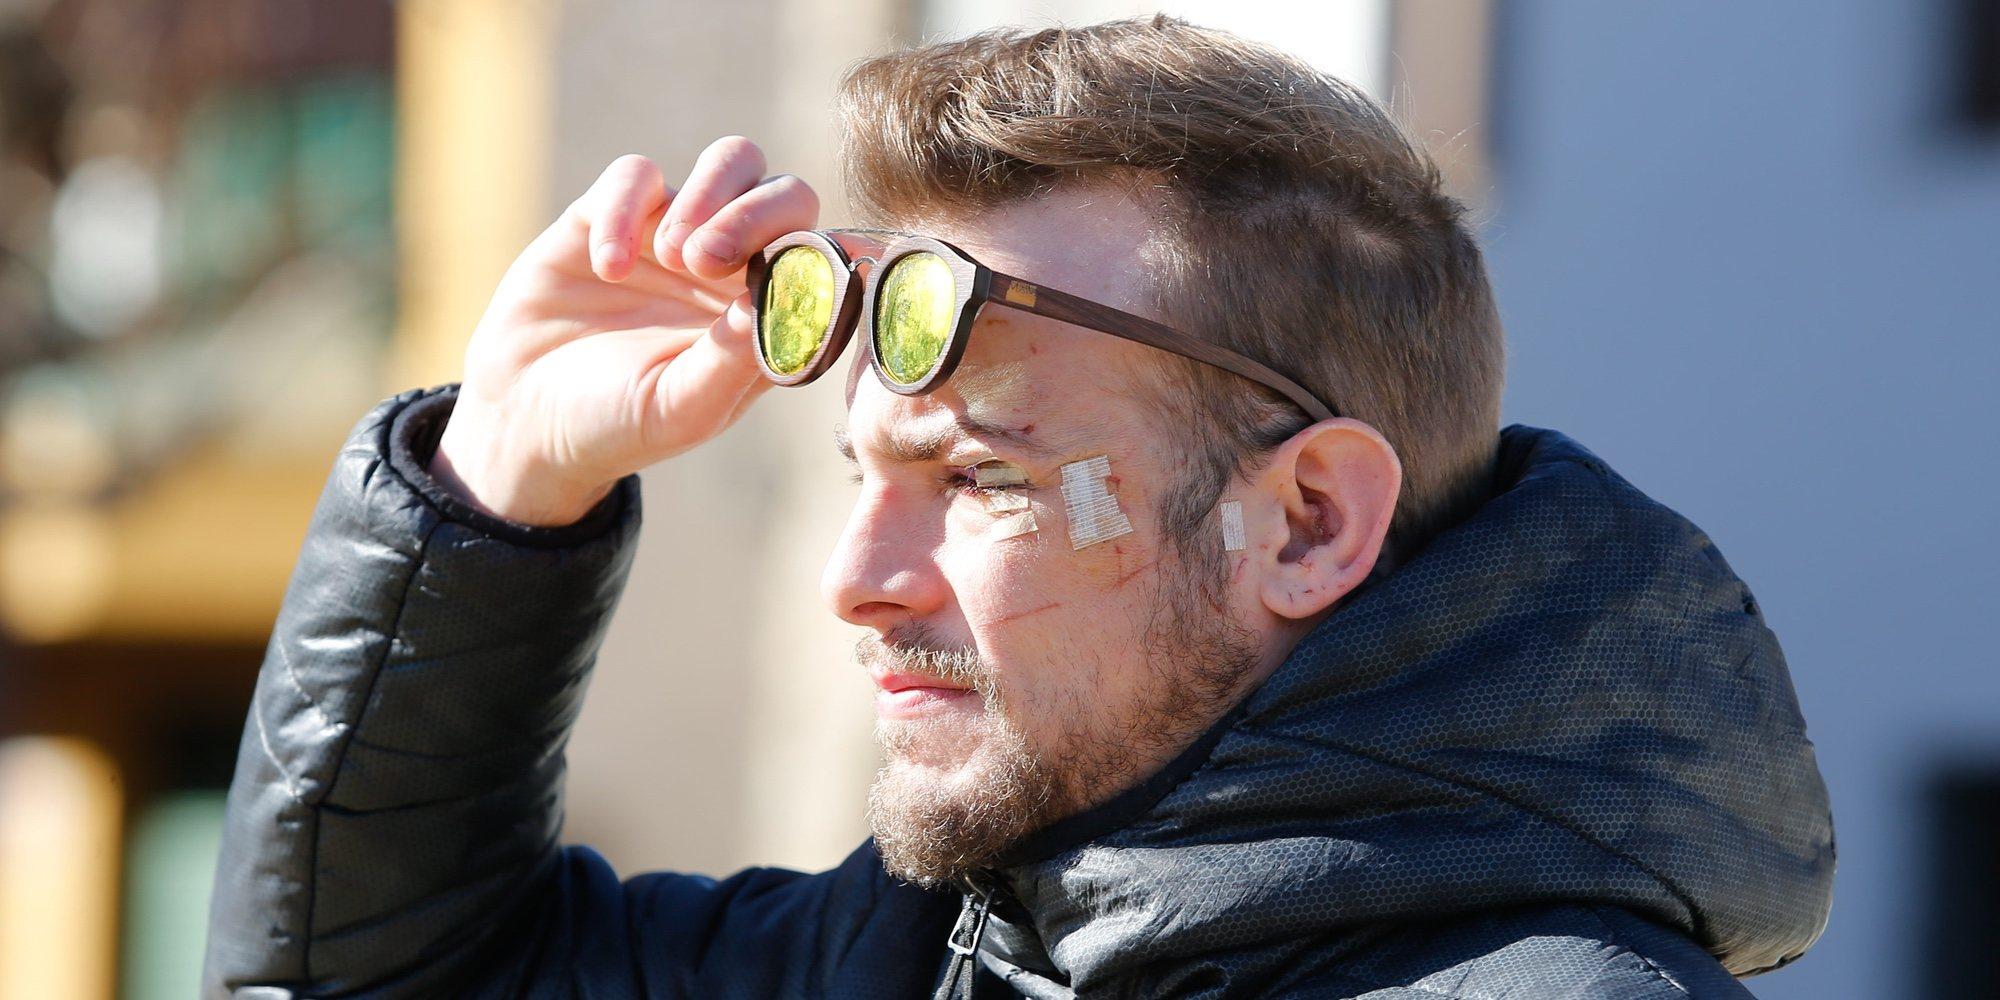 Condenan a año y medio de cárcel y a pagar una multa al hombre que rompió un vaso en la cara a Álex Casademunt